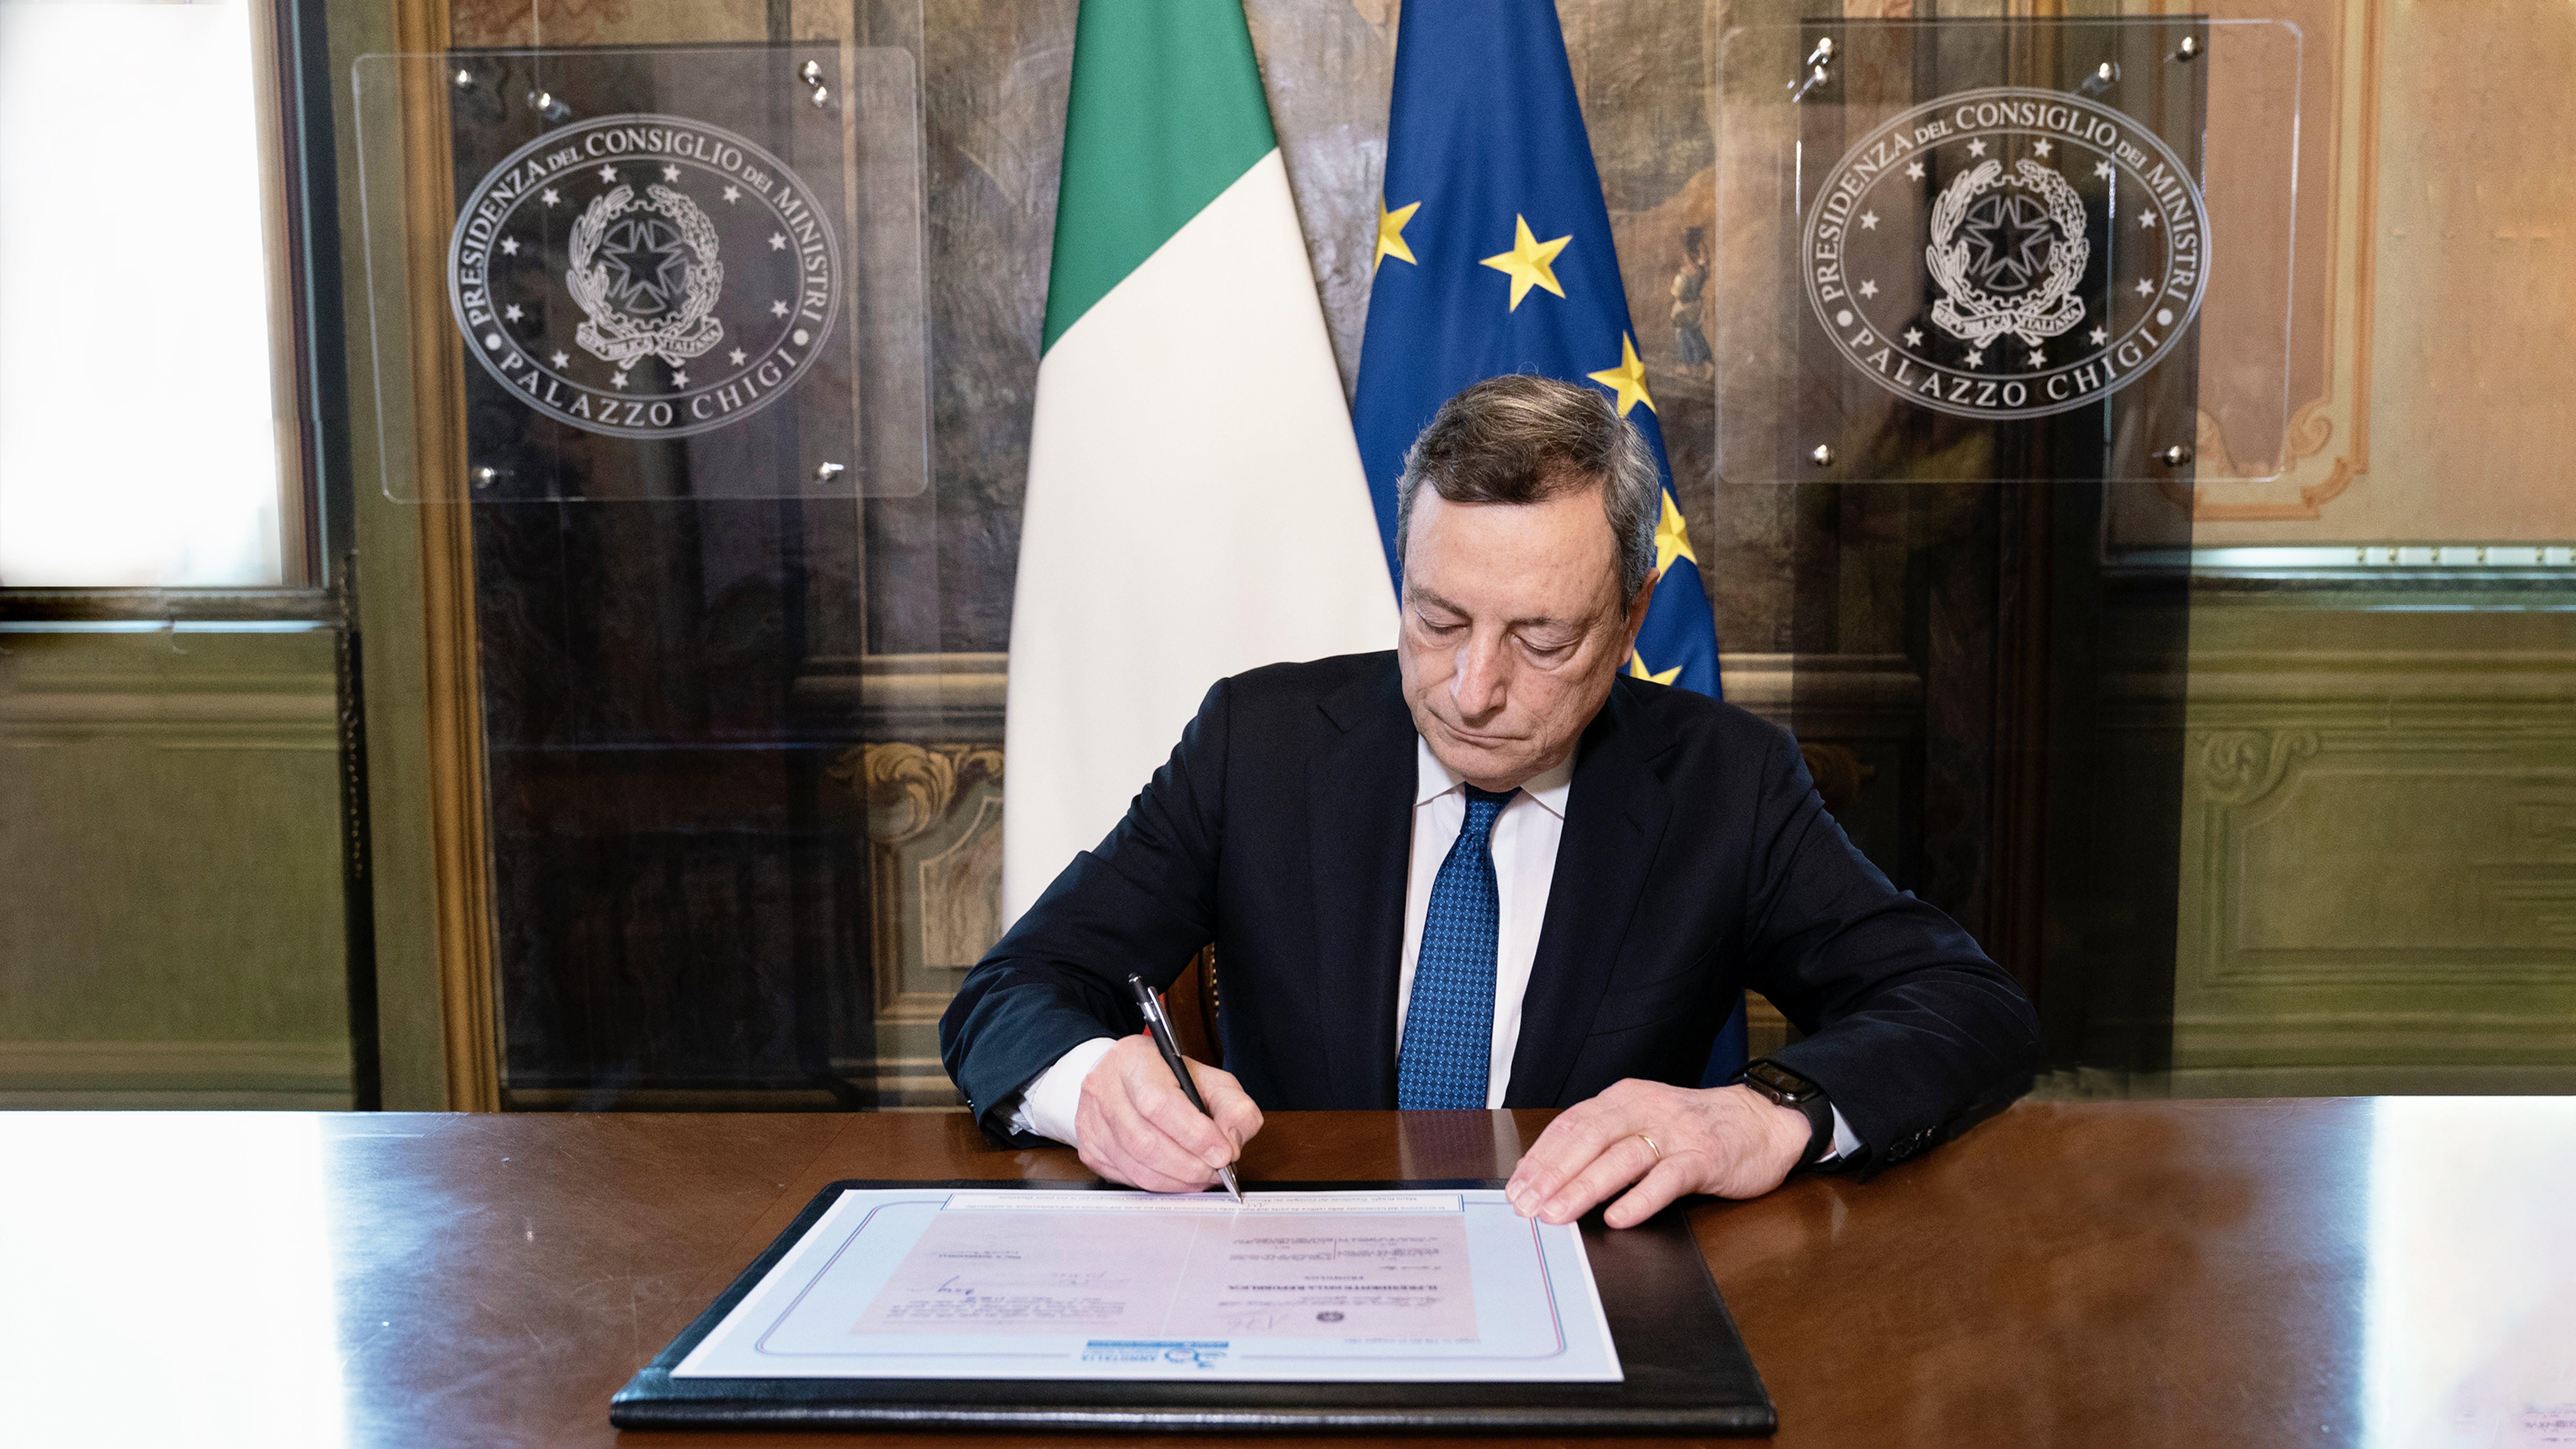 Il Presidente del Consiglio Mario Draghi firma la riproduzione della legge di ratifica della Convenzione sui Diritti dell'infanzia e dell'adolescenza a 30 anni dall'approvazione in Italia